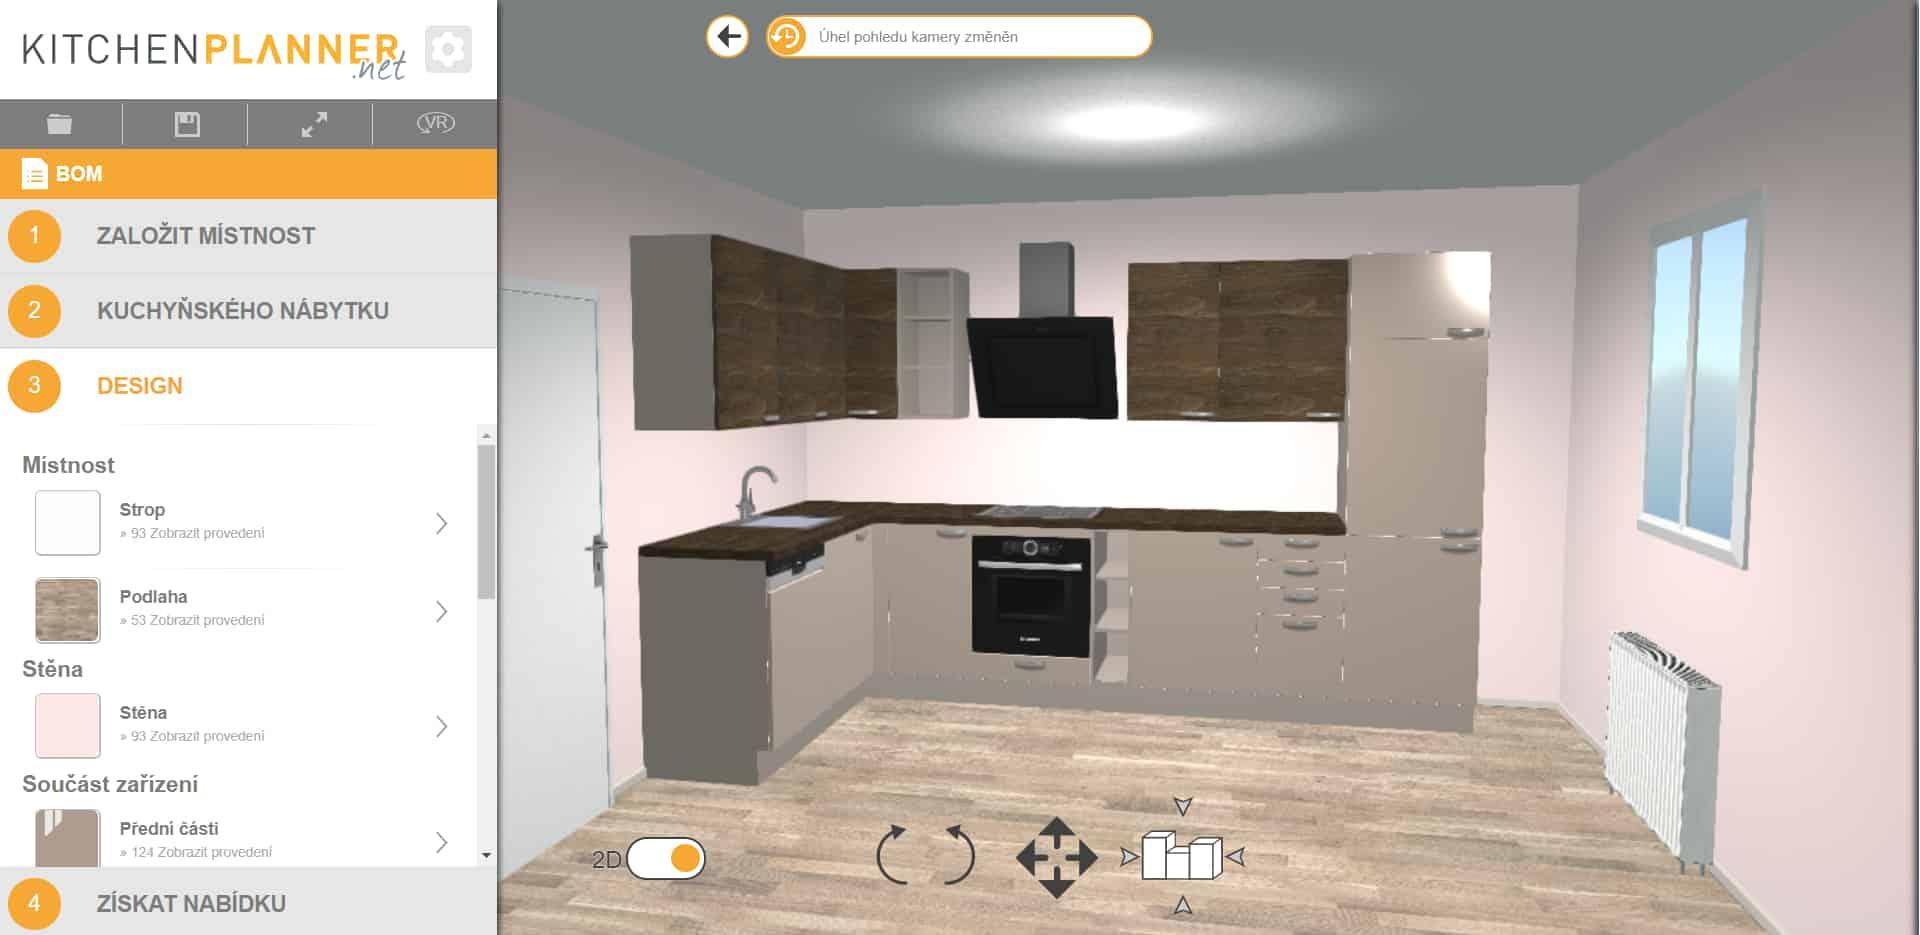 3D plánovač kuchyní Kitchenplanner.net recenze